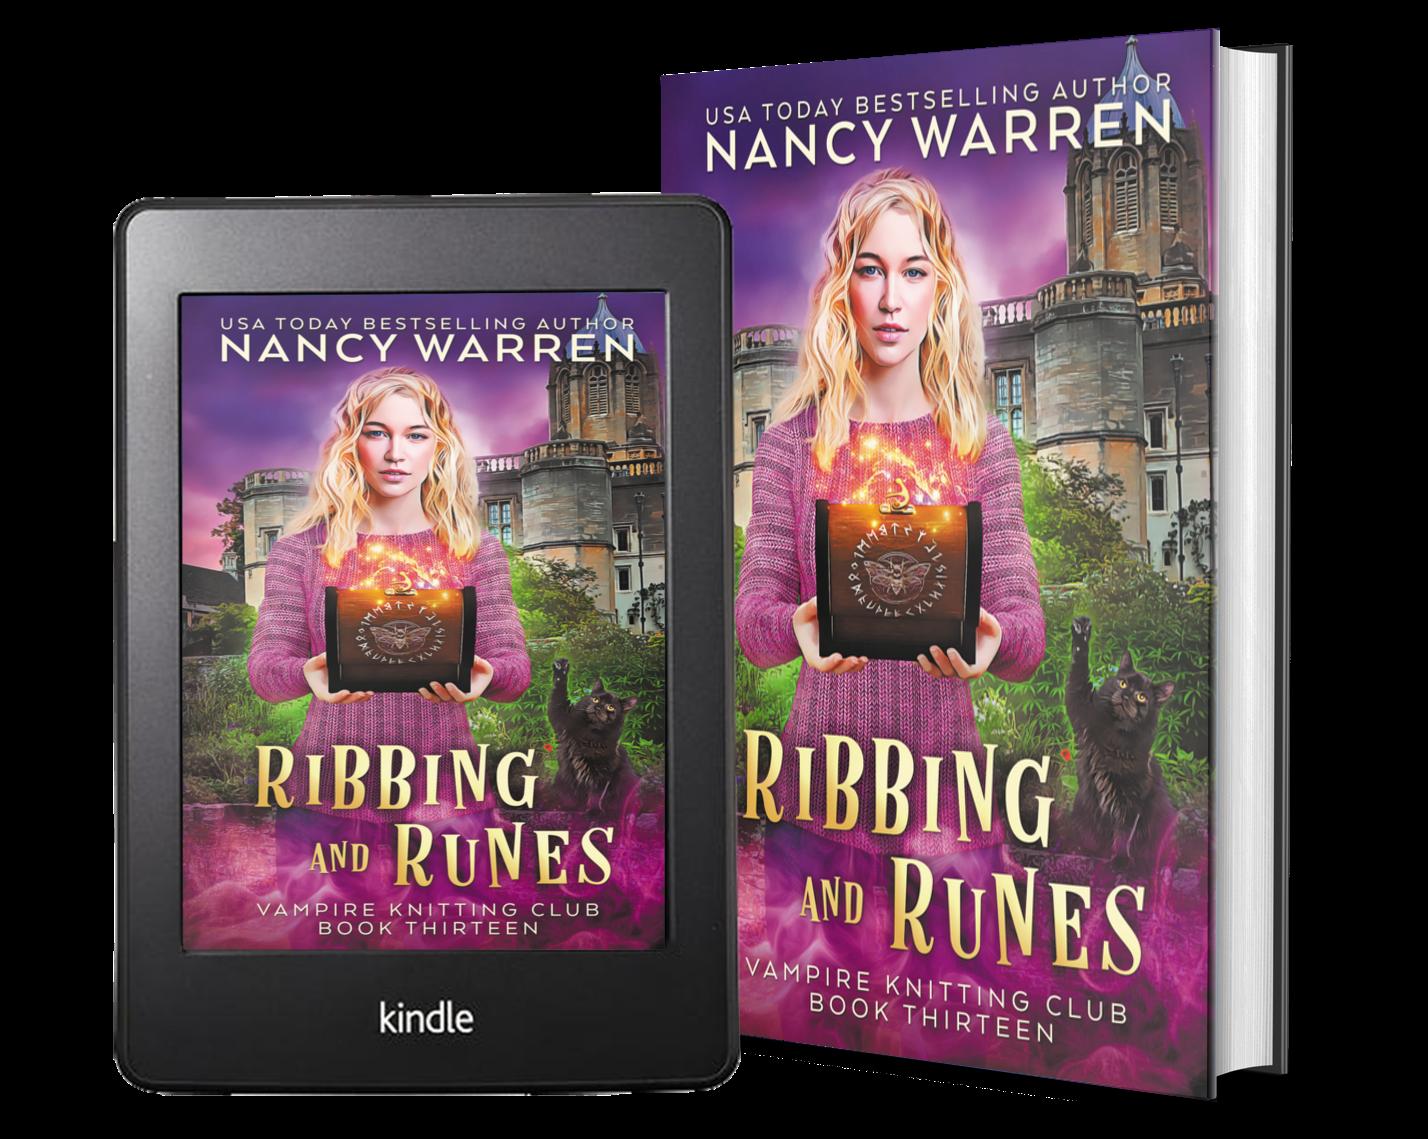 Ribbing and Runes